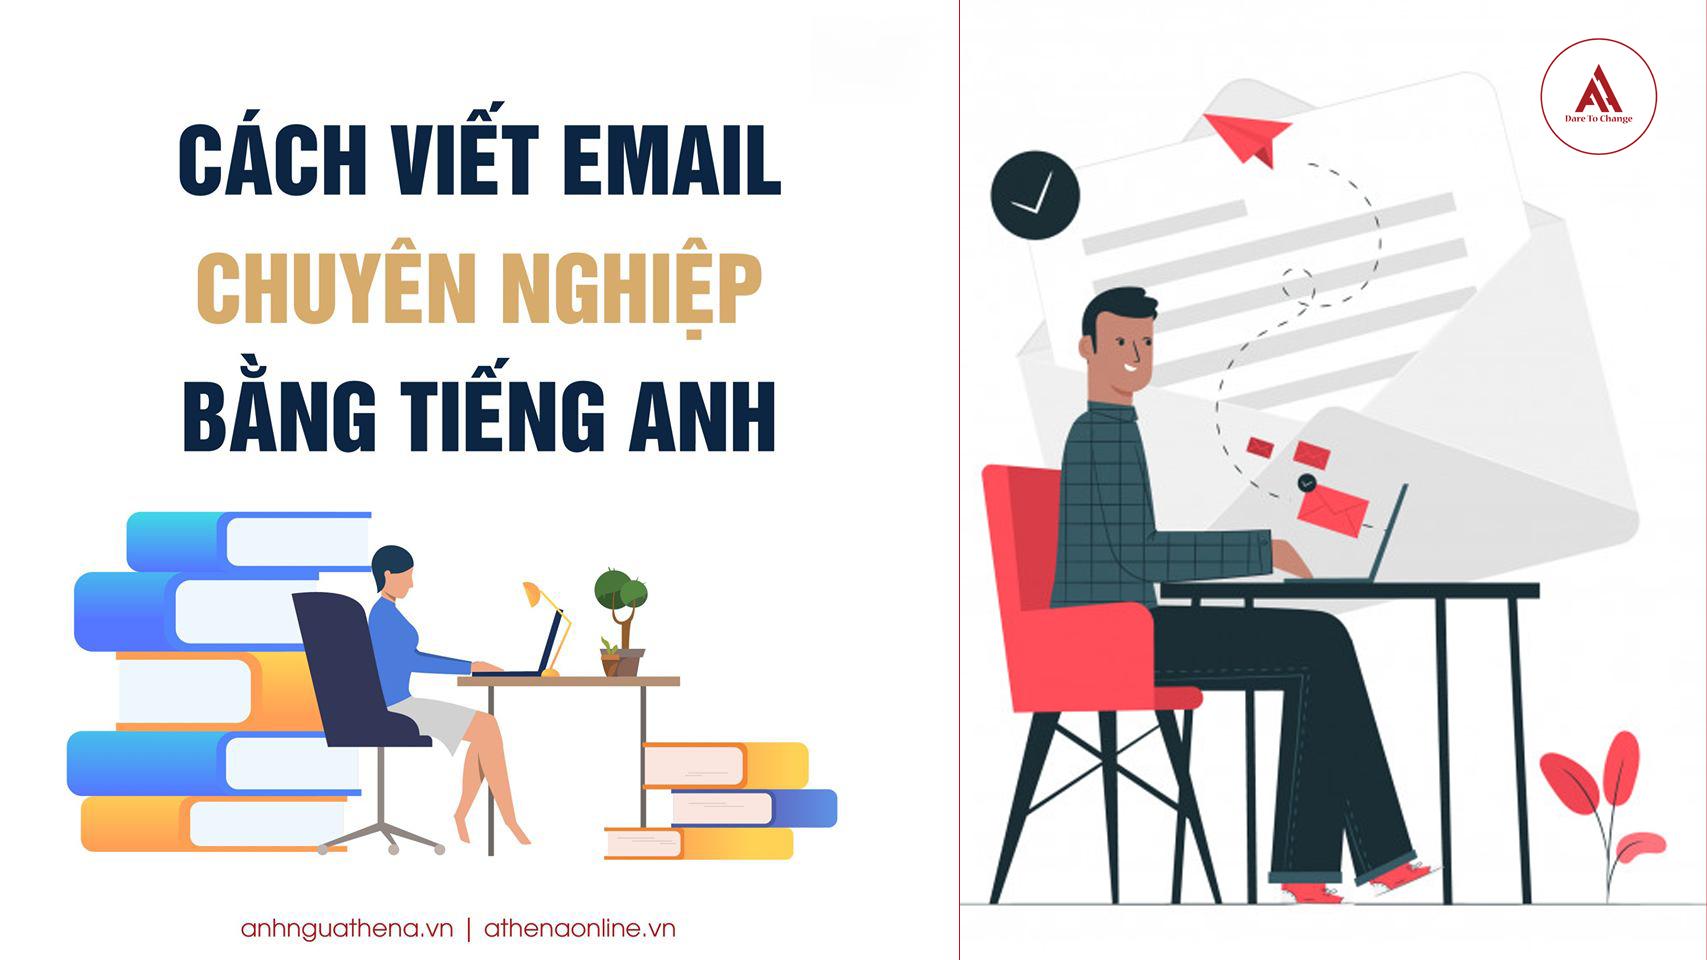 Cách viết email chuyên nghiệp bằng tiếng Anh